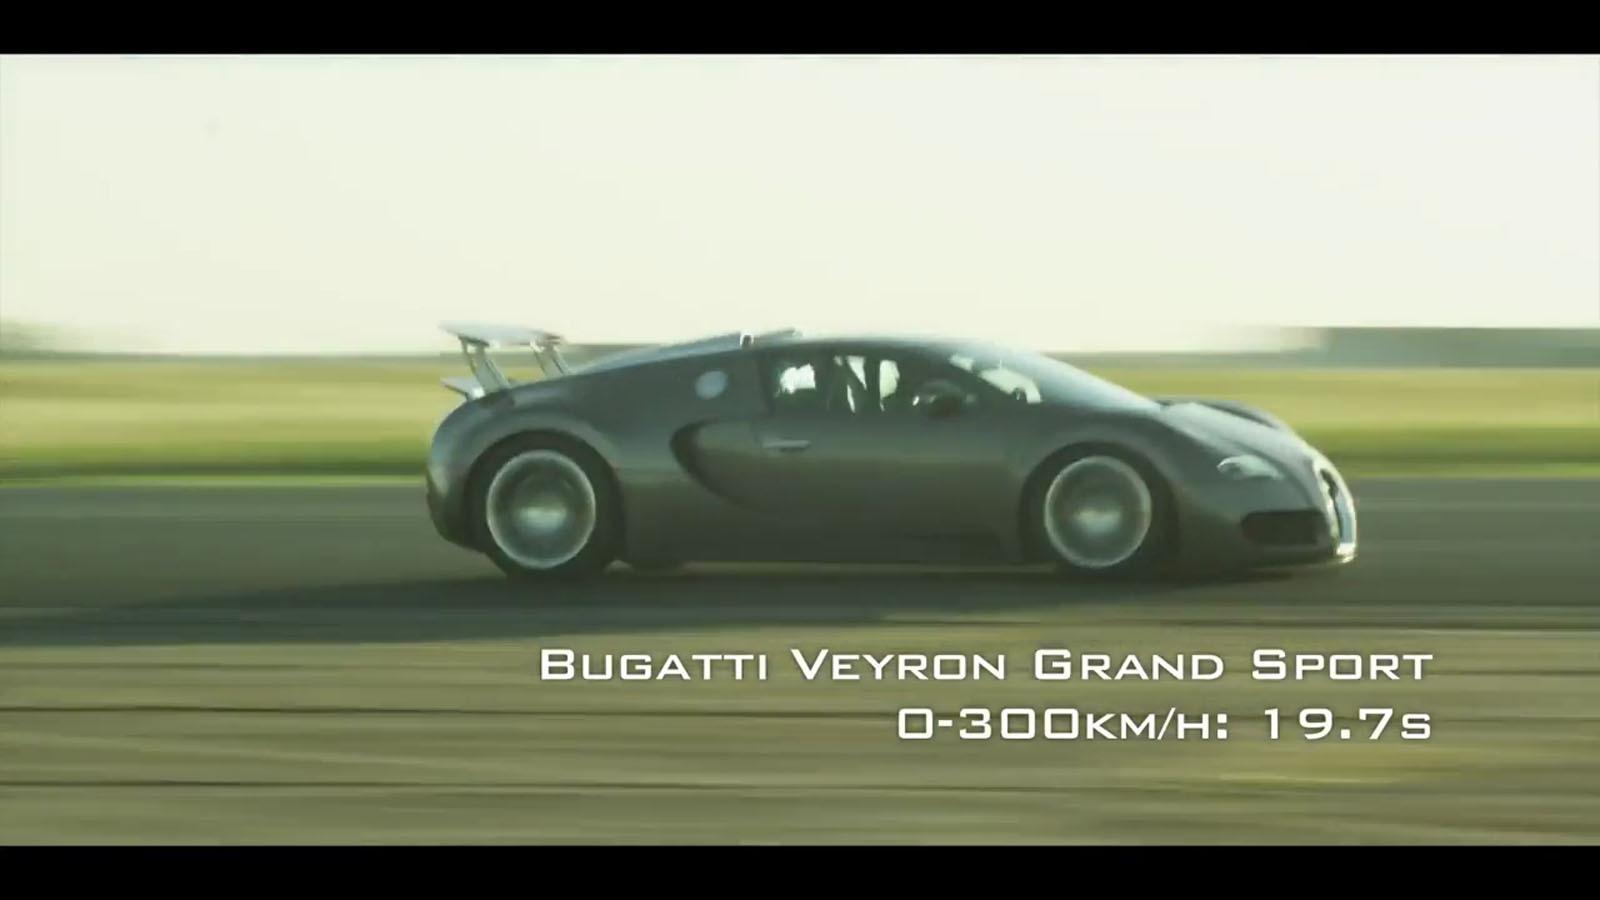 imagini - video: 0-300 km/h time trial